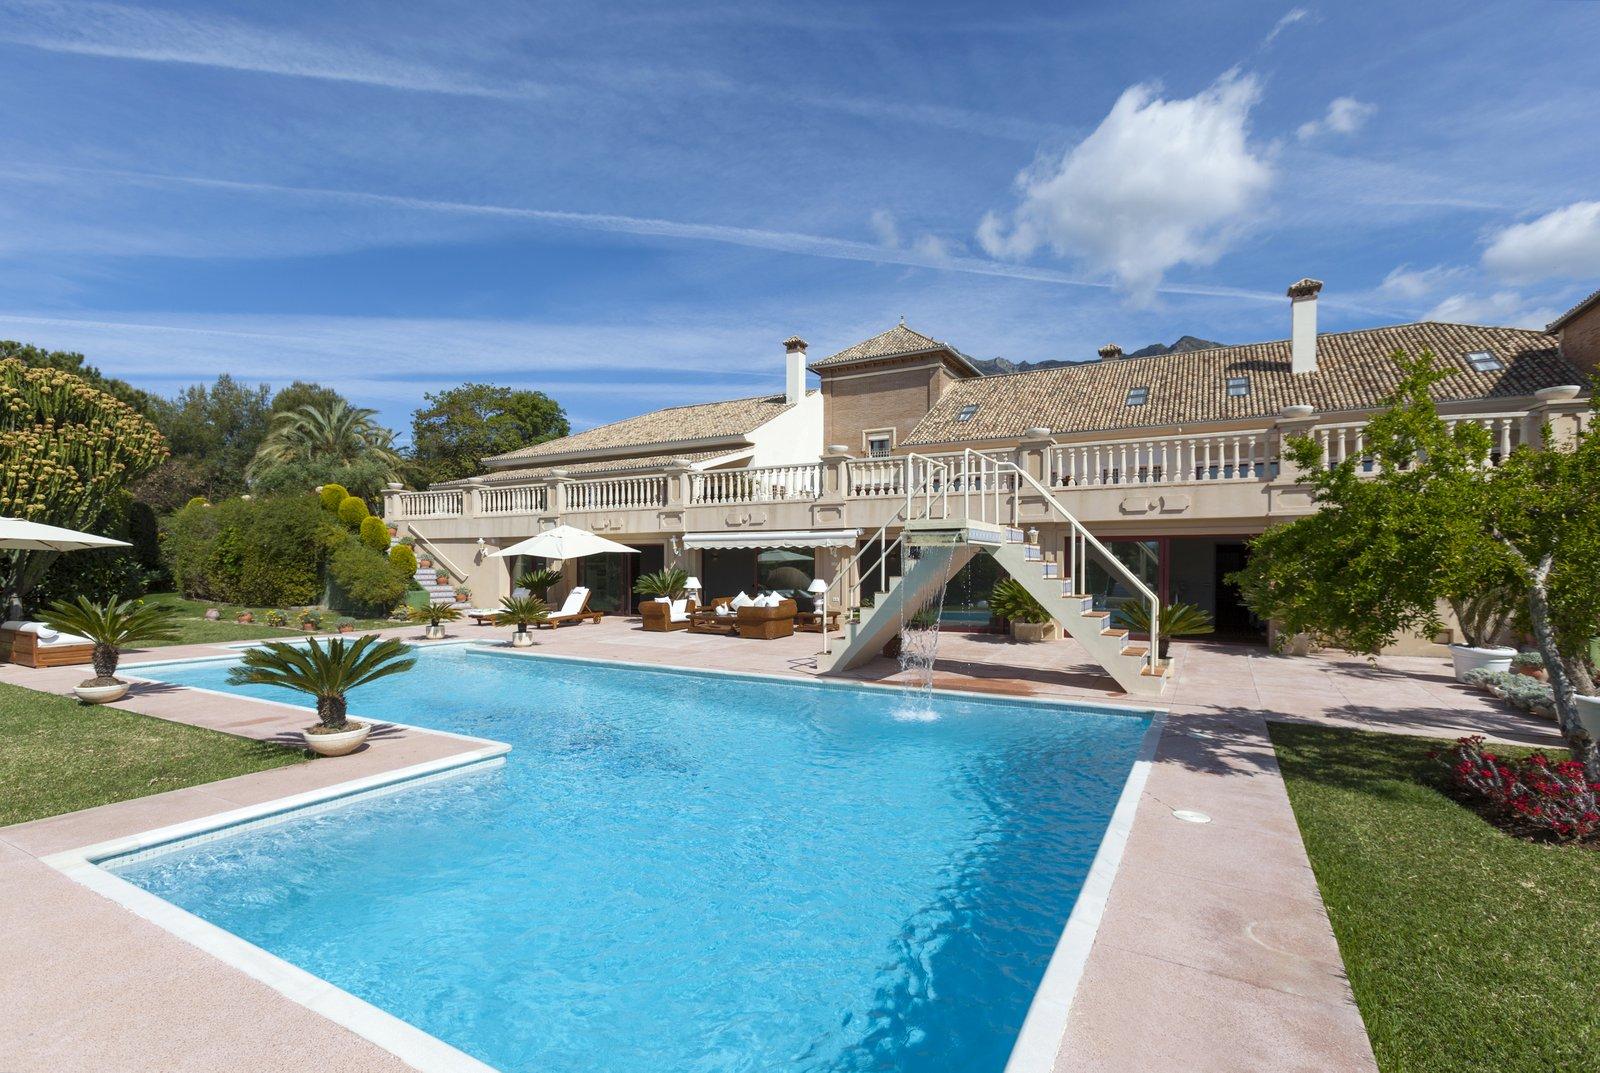 Residencia emblemática con vistas espectaculares en venta en Altos Reales, Marbella Golden Mile